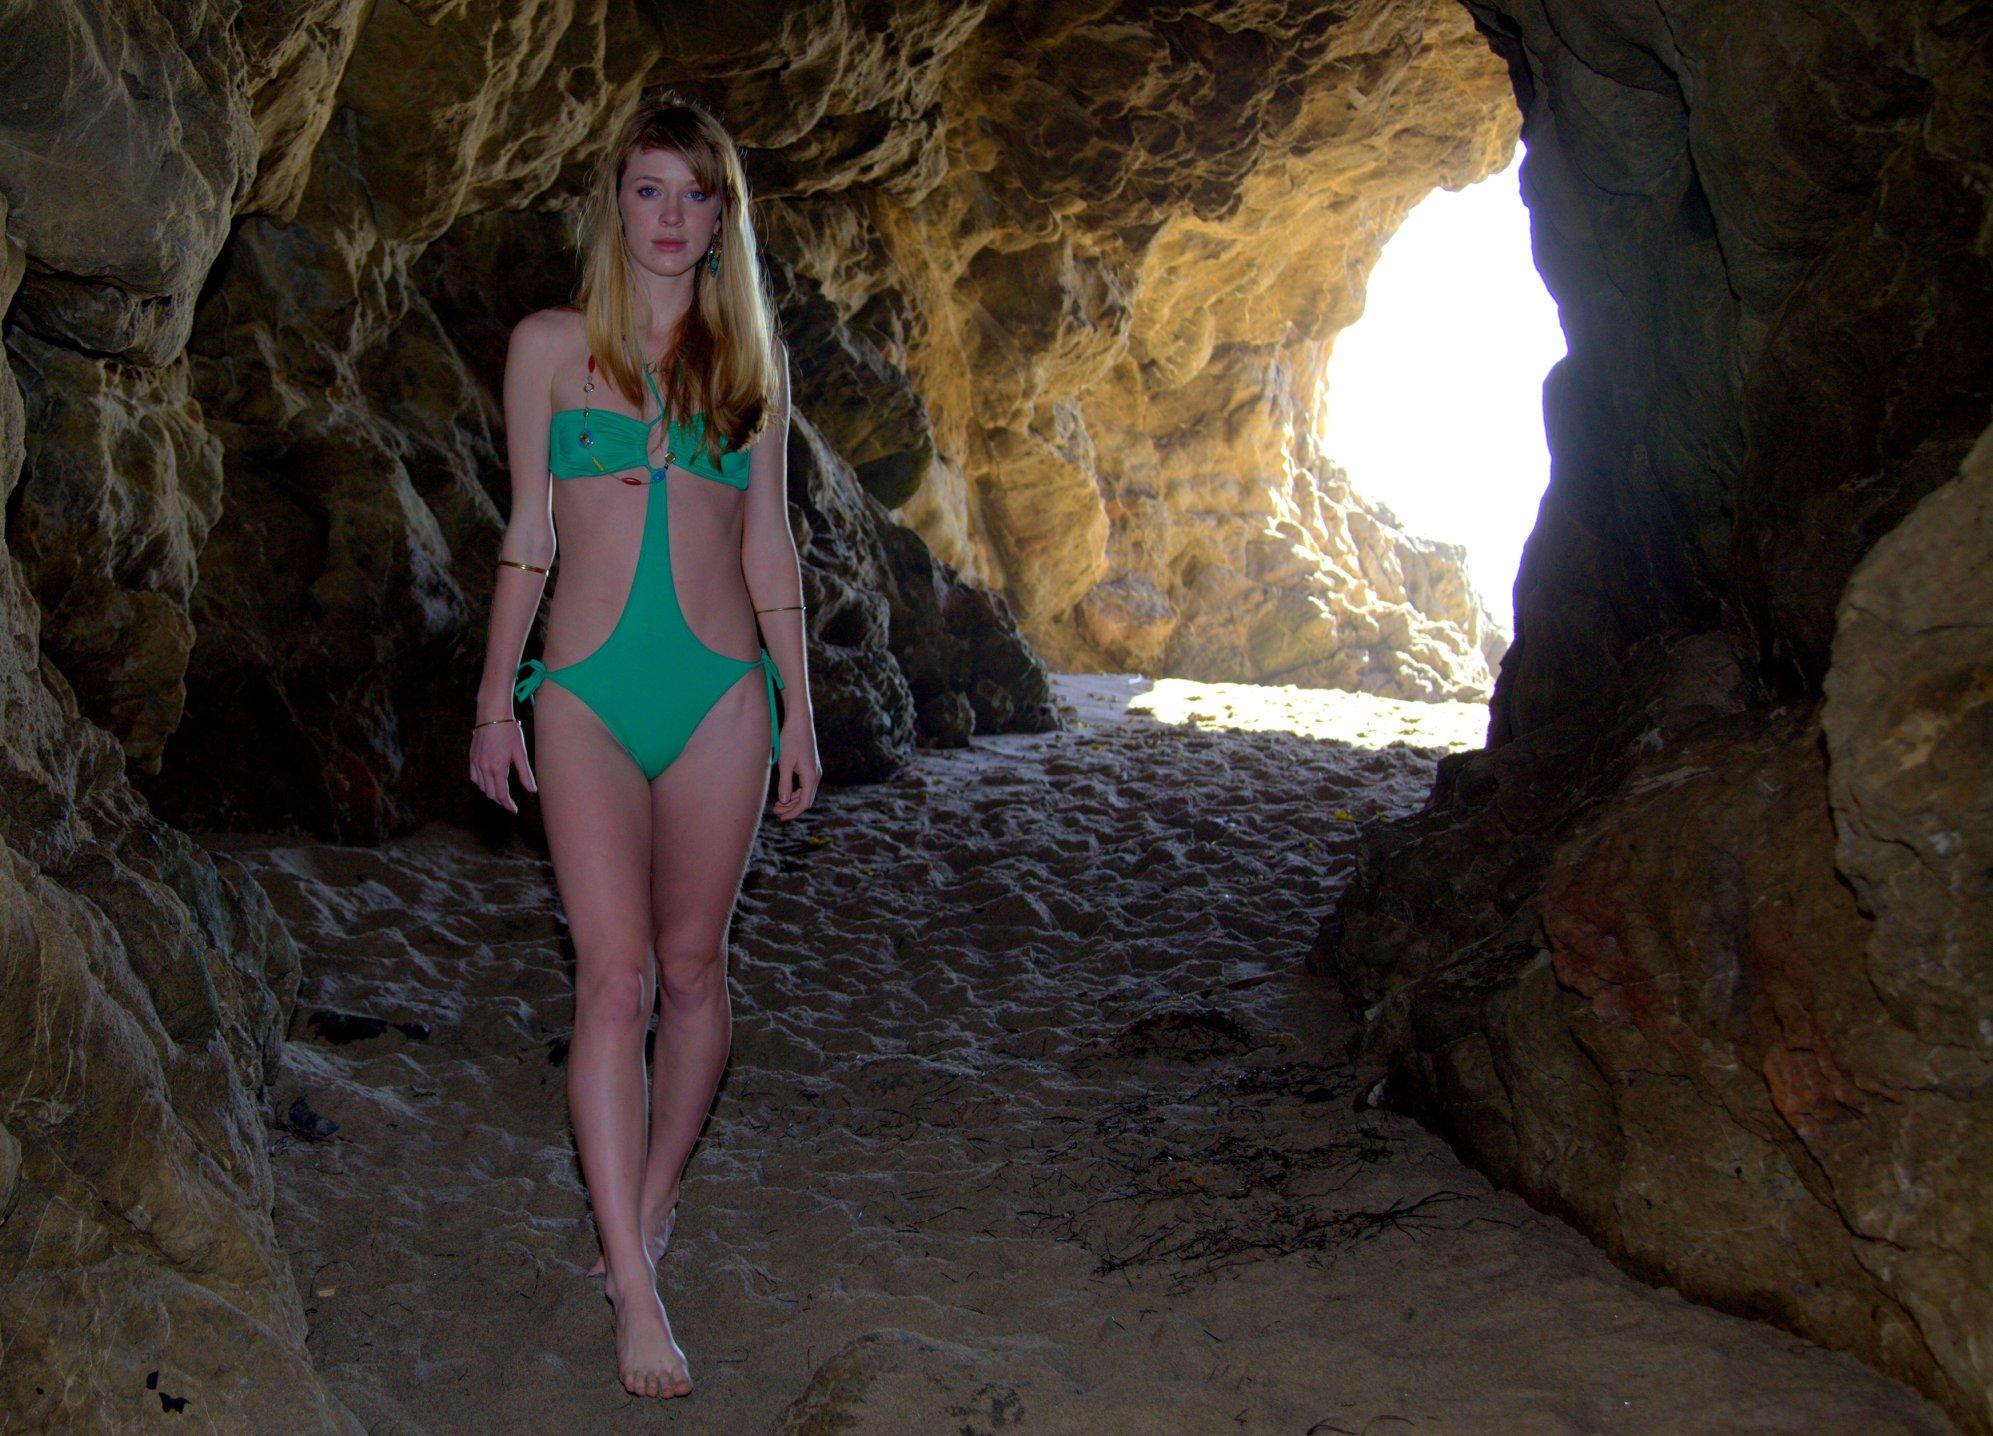 Bikini freediving underwater caves chassahowitzka river